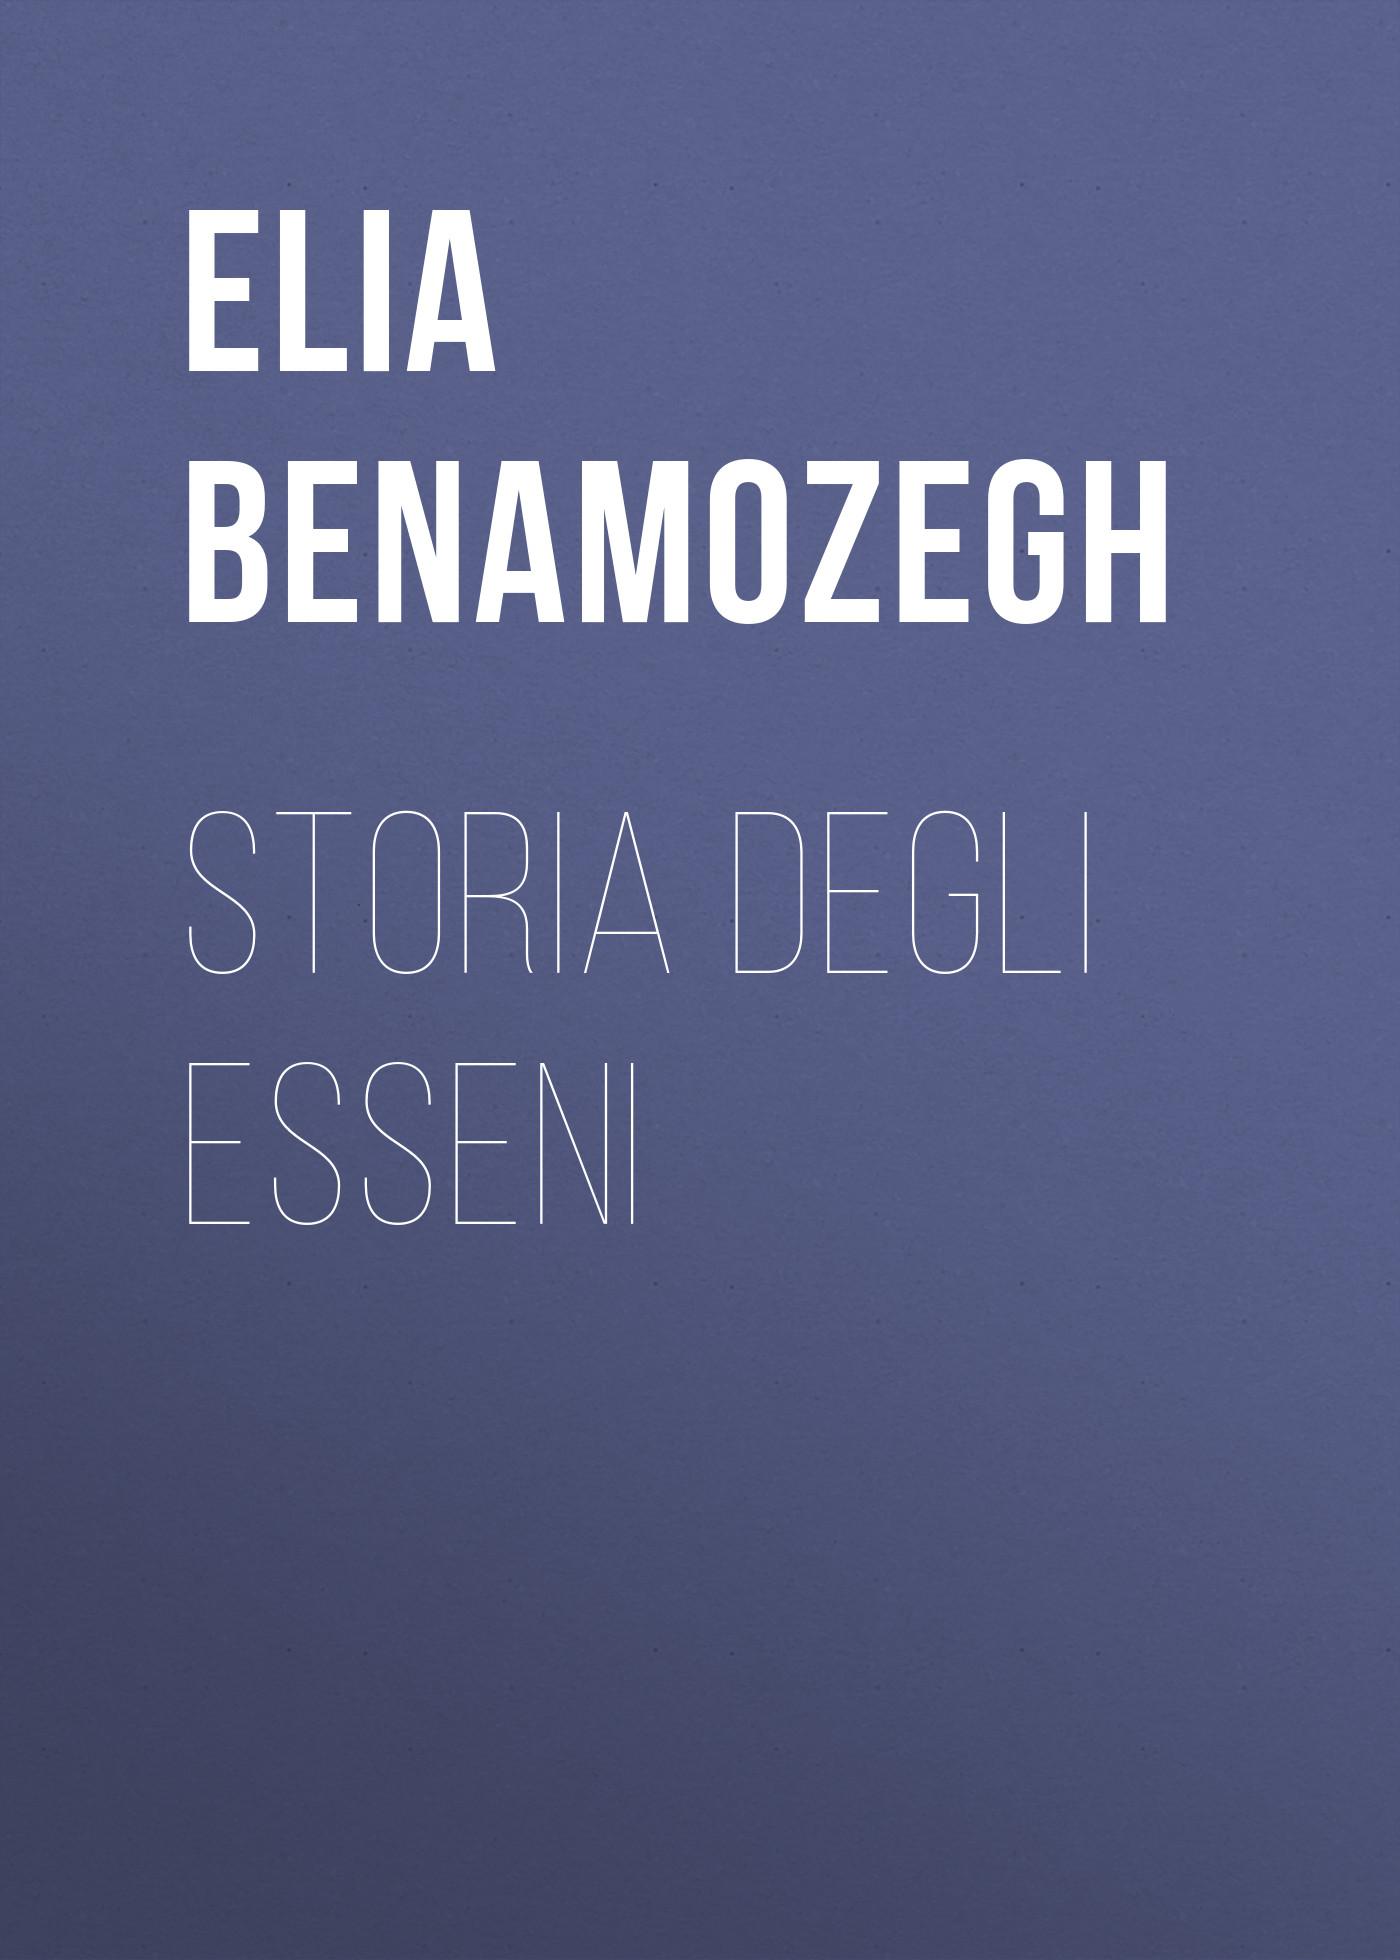 Benamozegh Elia Storia degli Esseni